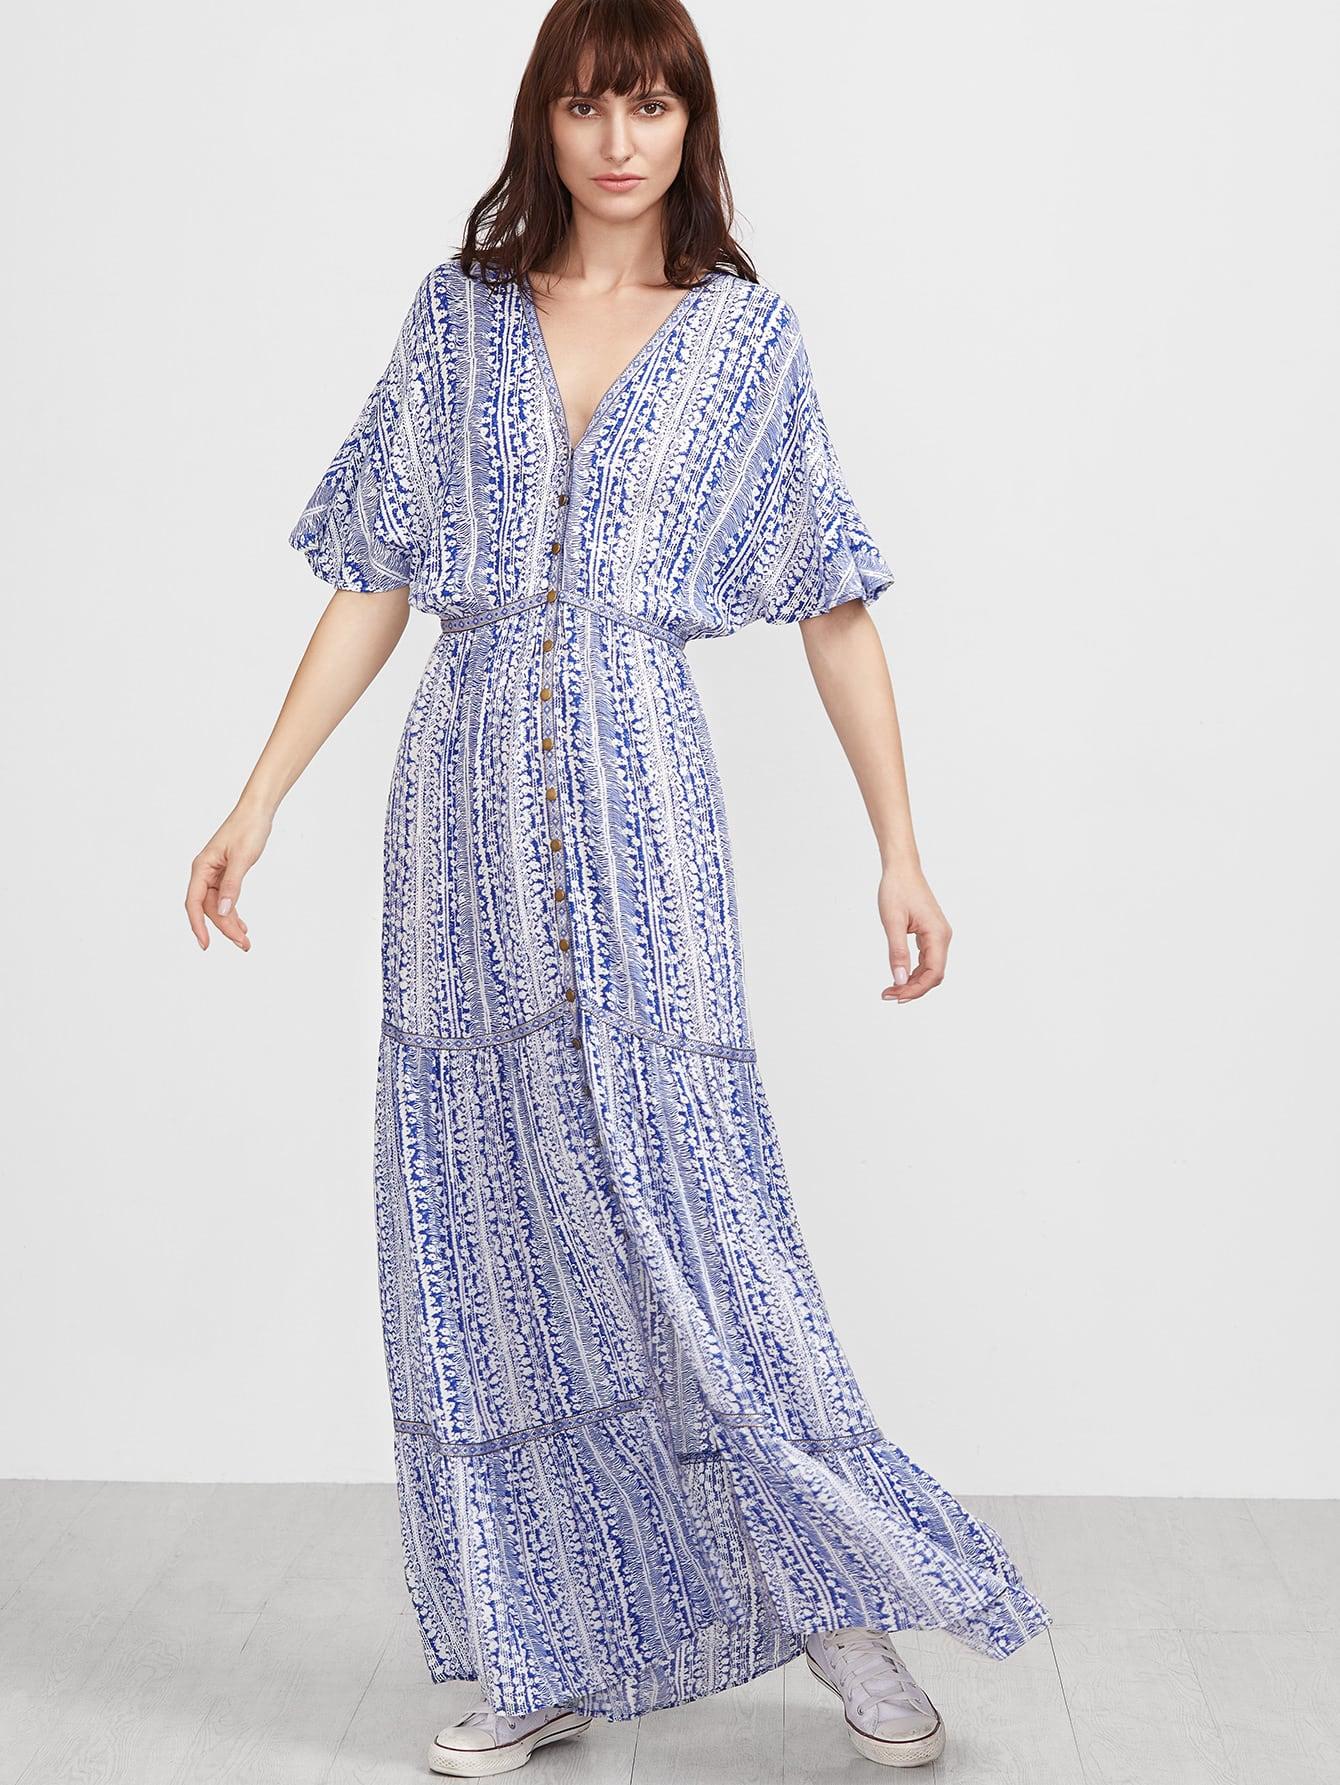 dress161216455_2